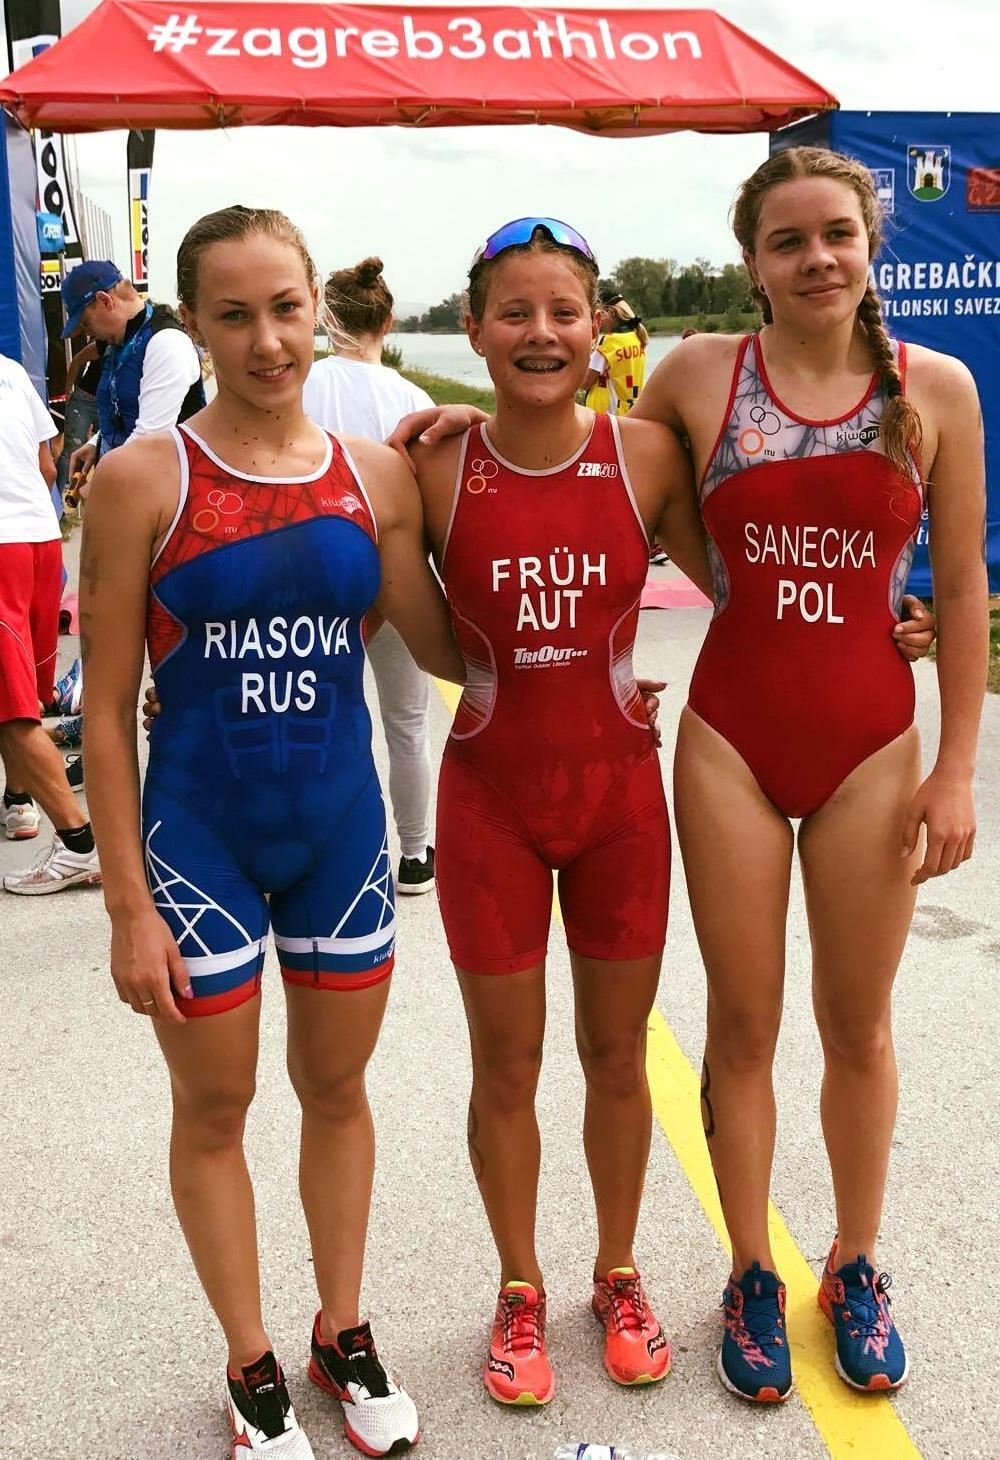 Julia Sanecka po zawodach w Zagrzebiu